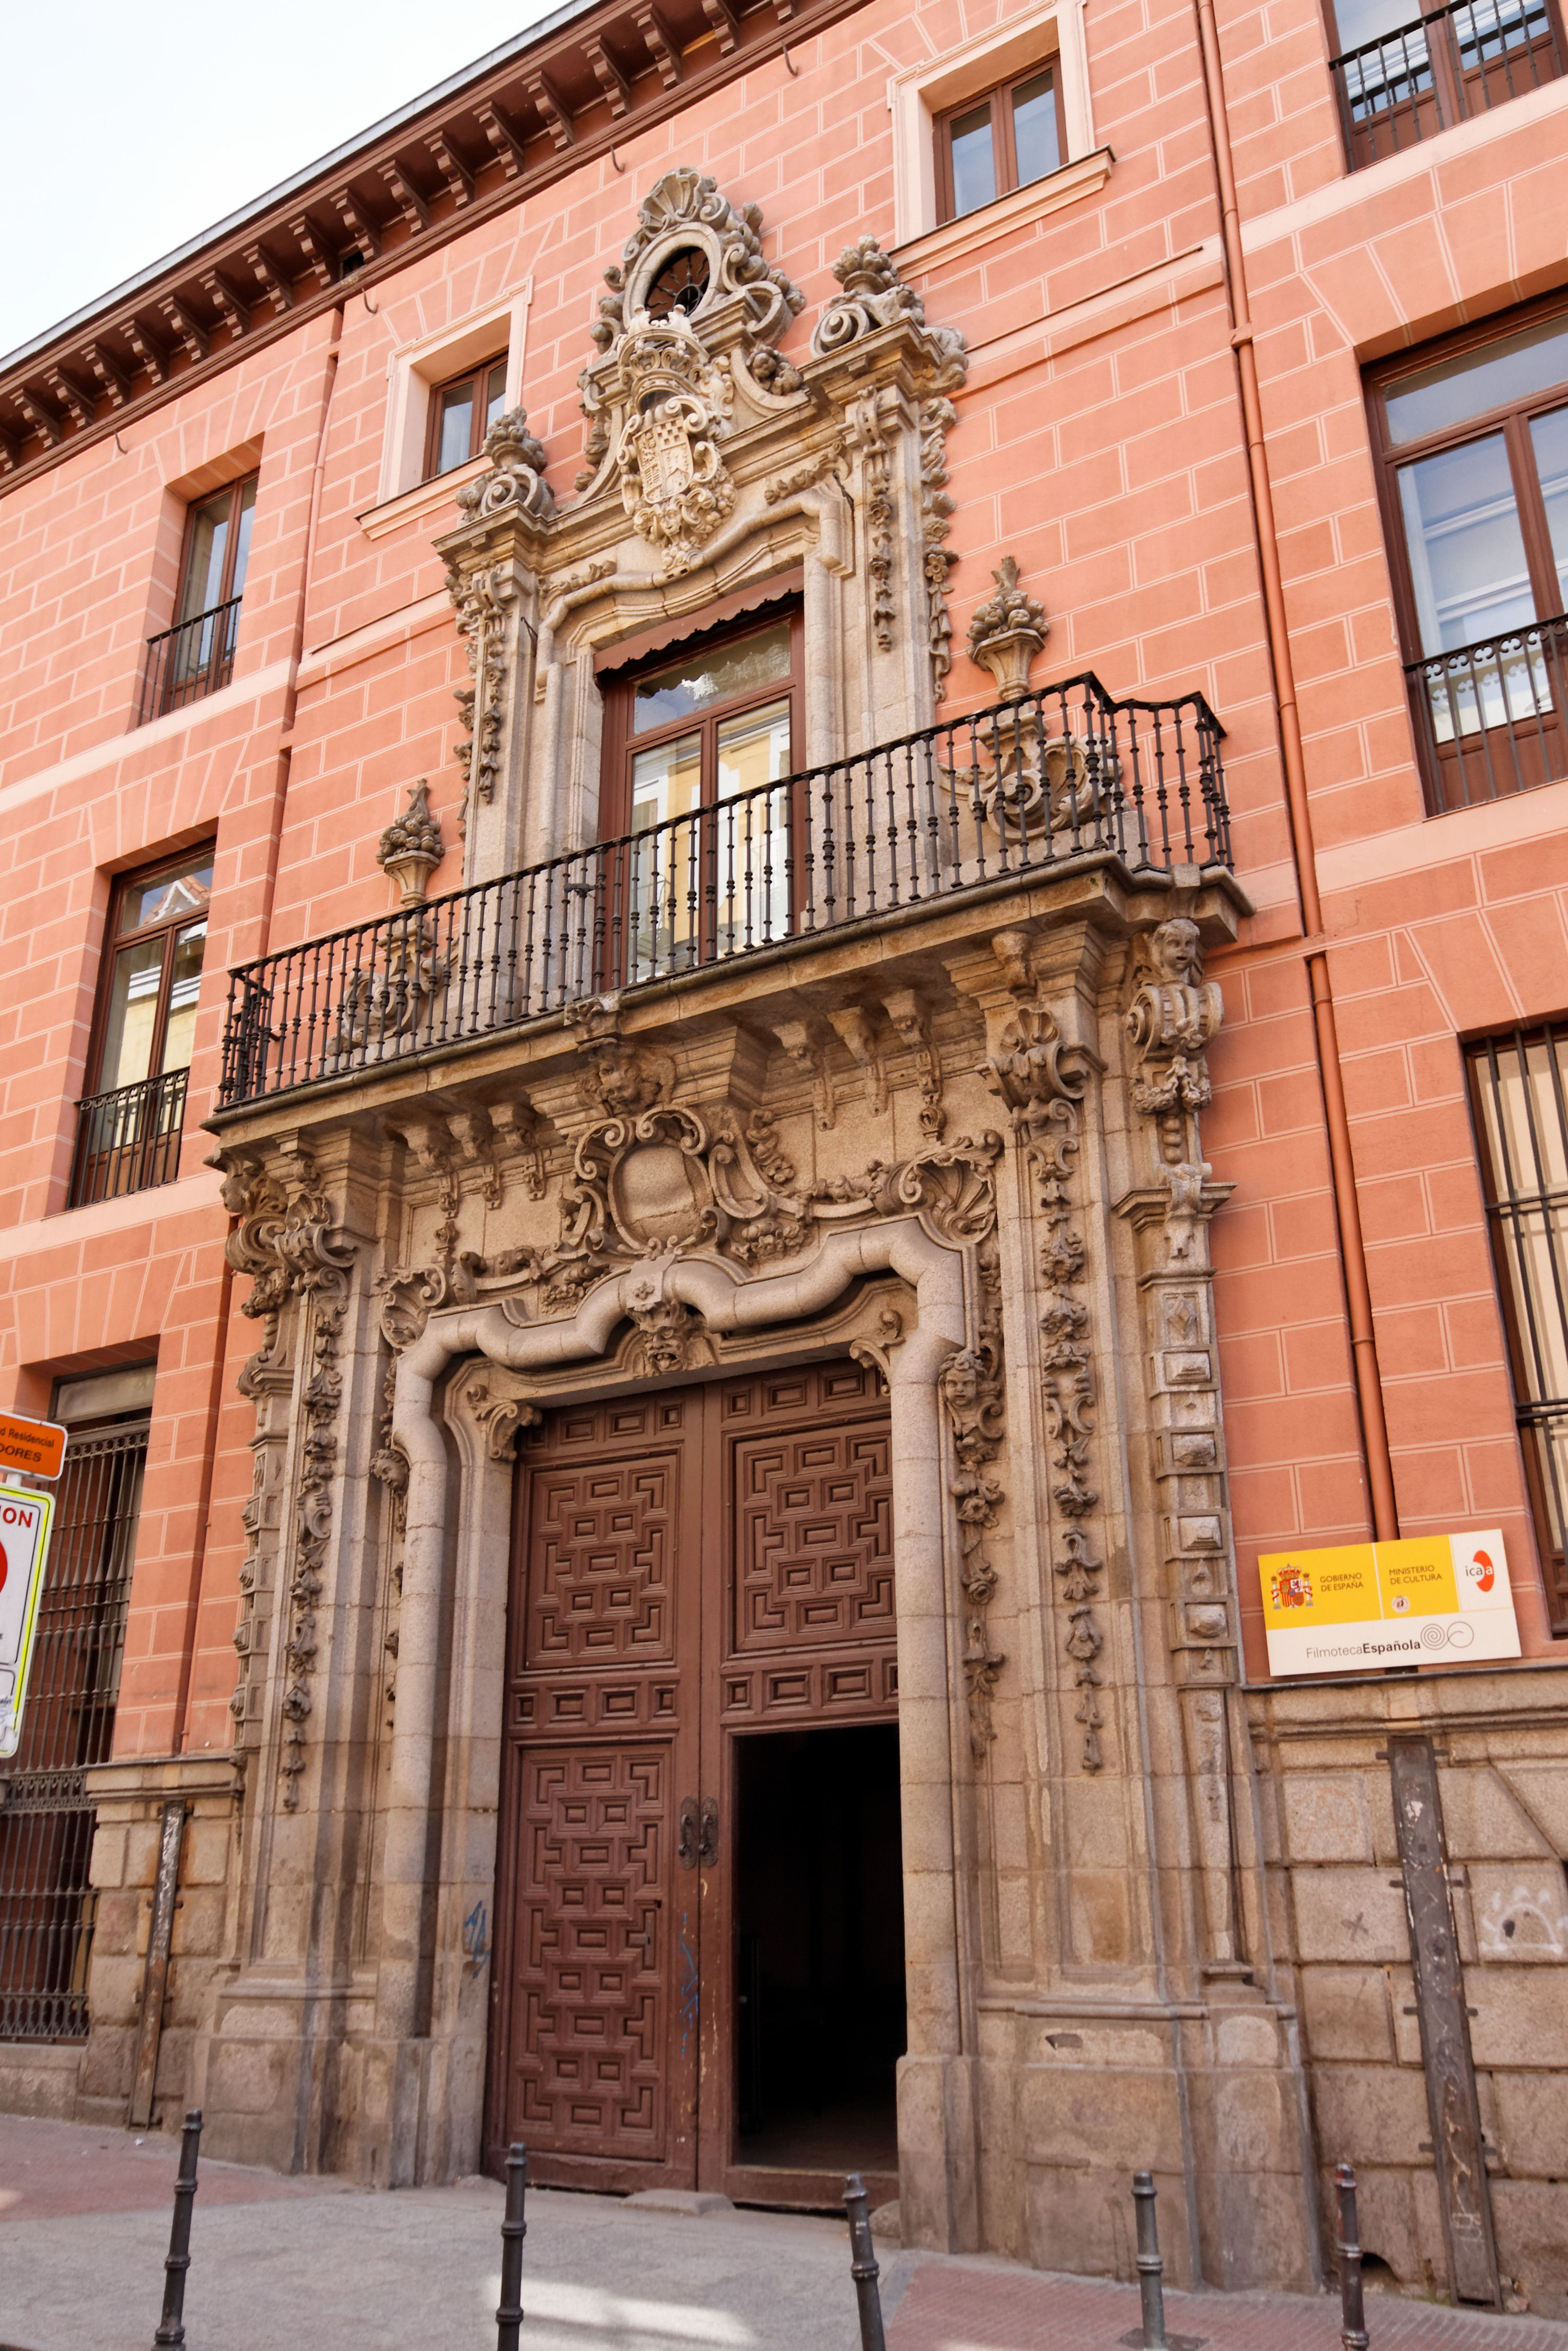 Palacio del marqu s de perales antigua mansi n nobiliaria de madrid espa a dise ada por el - Arquitecto de interiores madrid ...